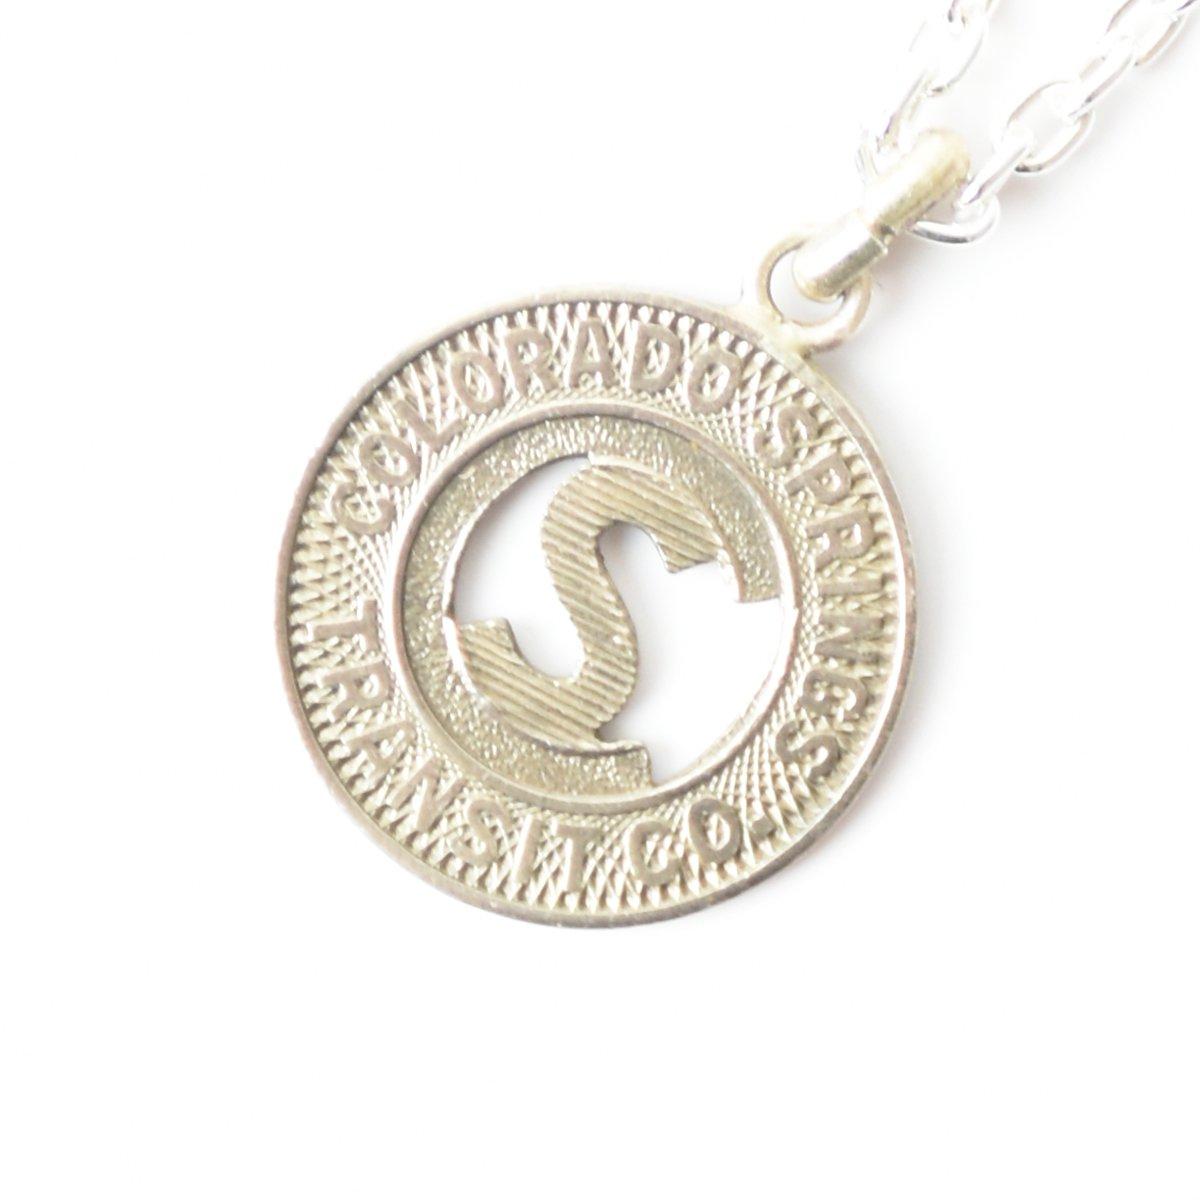 【PAYBACK】Colorado Springs Token Necklace(1956)                           </a>             <span class=